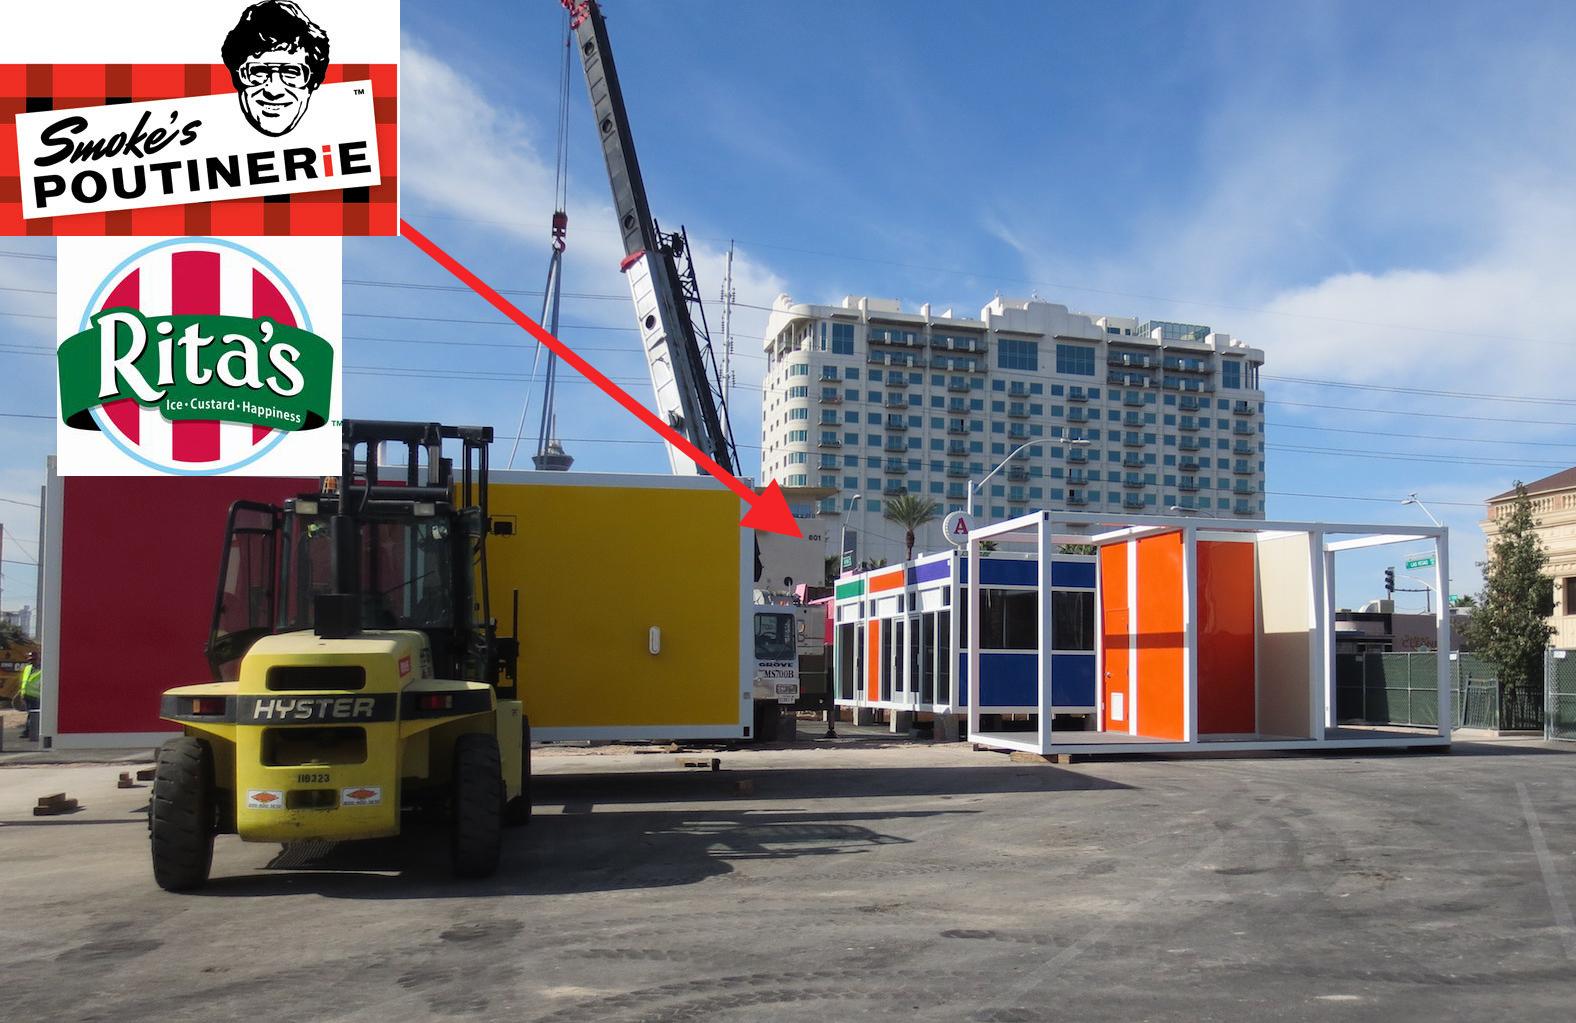 The future homes of Smoke's Poutinerie, aka Poutine Vegas, and Rita's Italian Ice at Pawn Plaza.